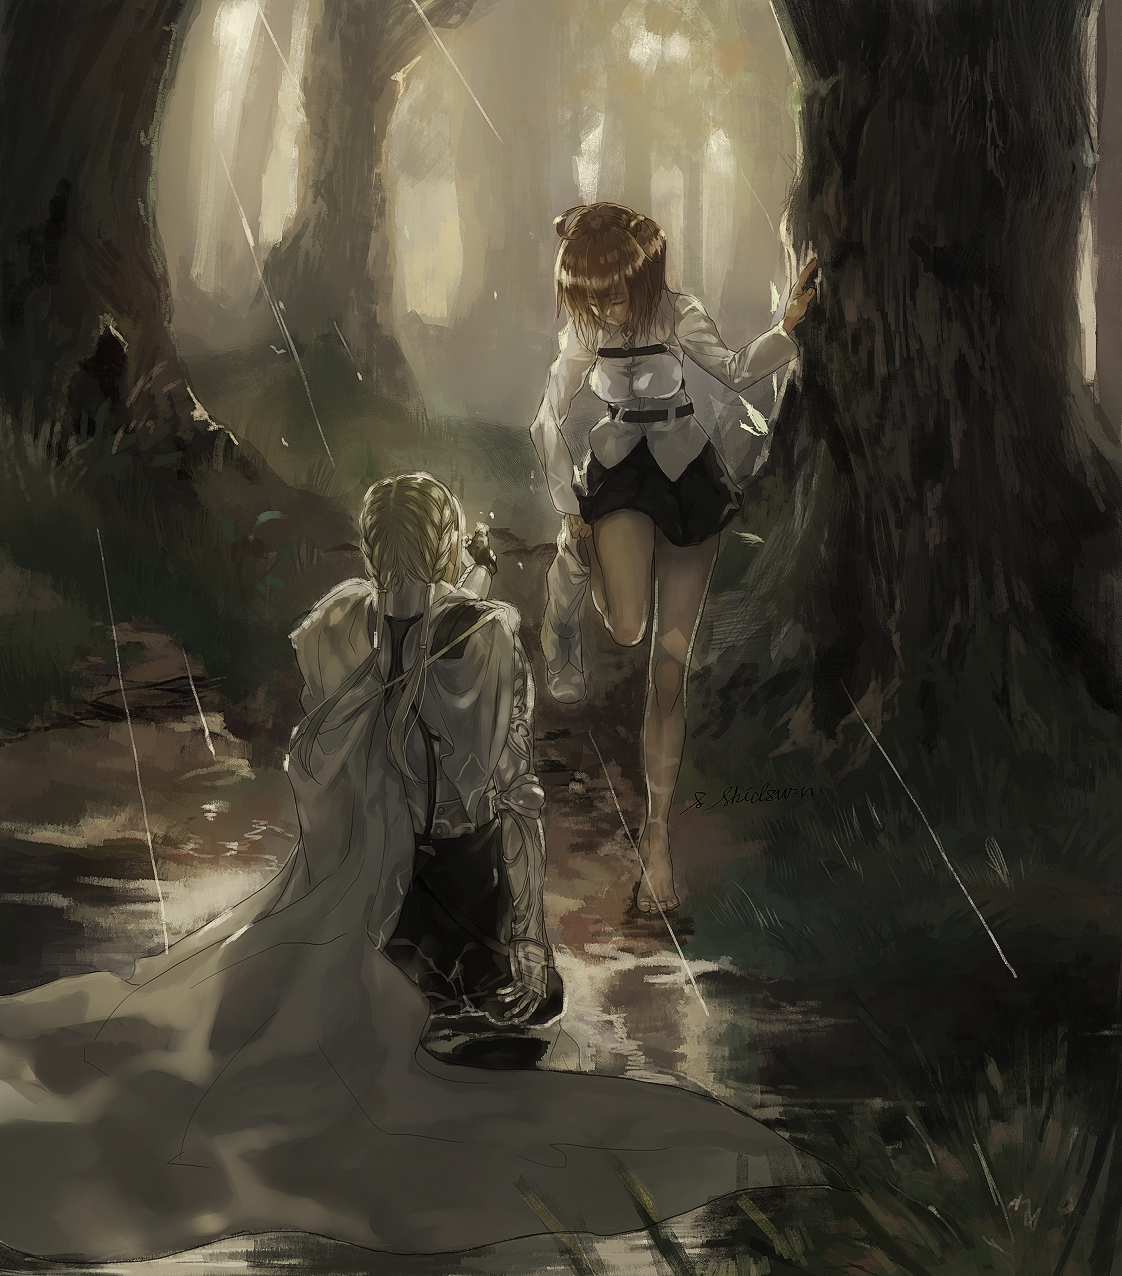 """了解一下貝狄威爾""""最初圓桌騎士的成員之一。最后為王送終的人"""" - 嗶哩嗶哩"""